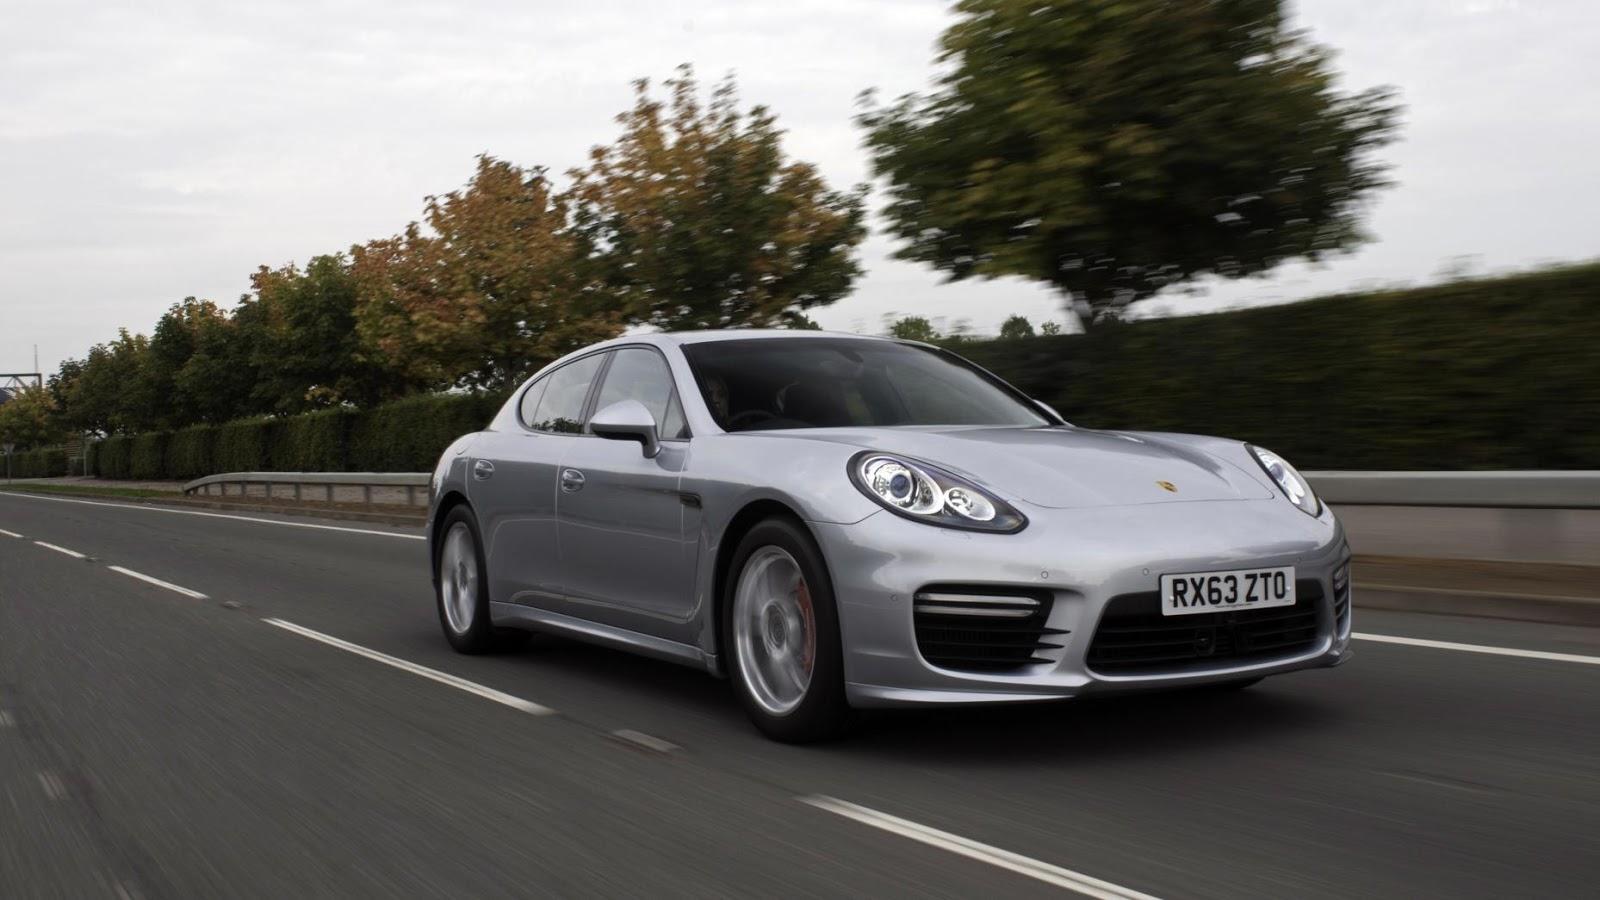 Porsche Panamera Turbo S - tăng tốc từ 0 - 100 km/h trong 3.8secs